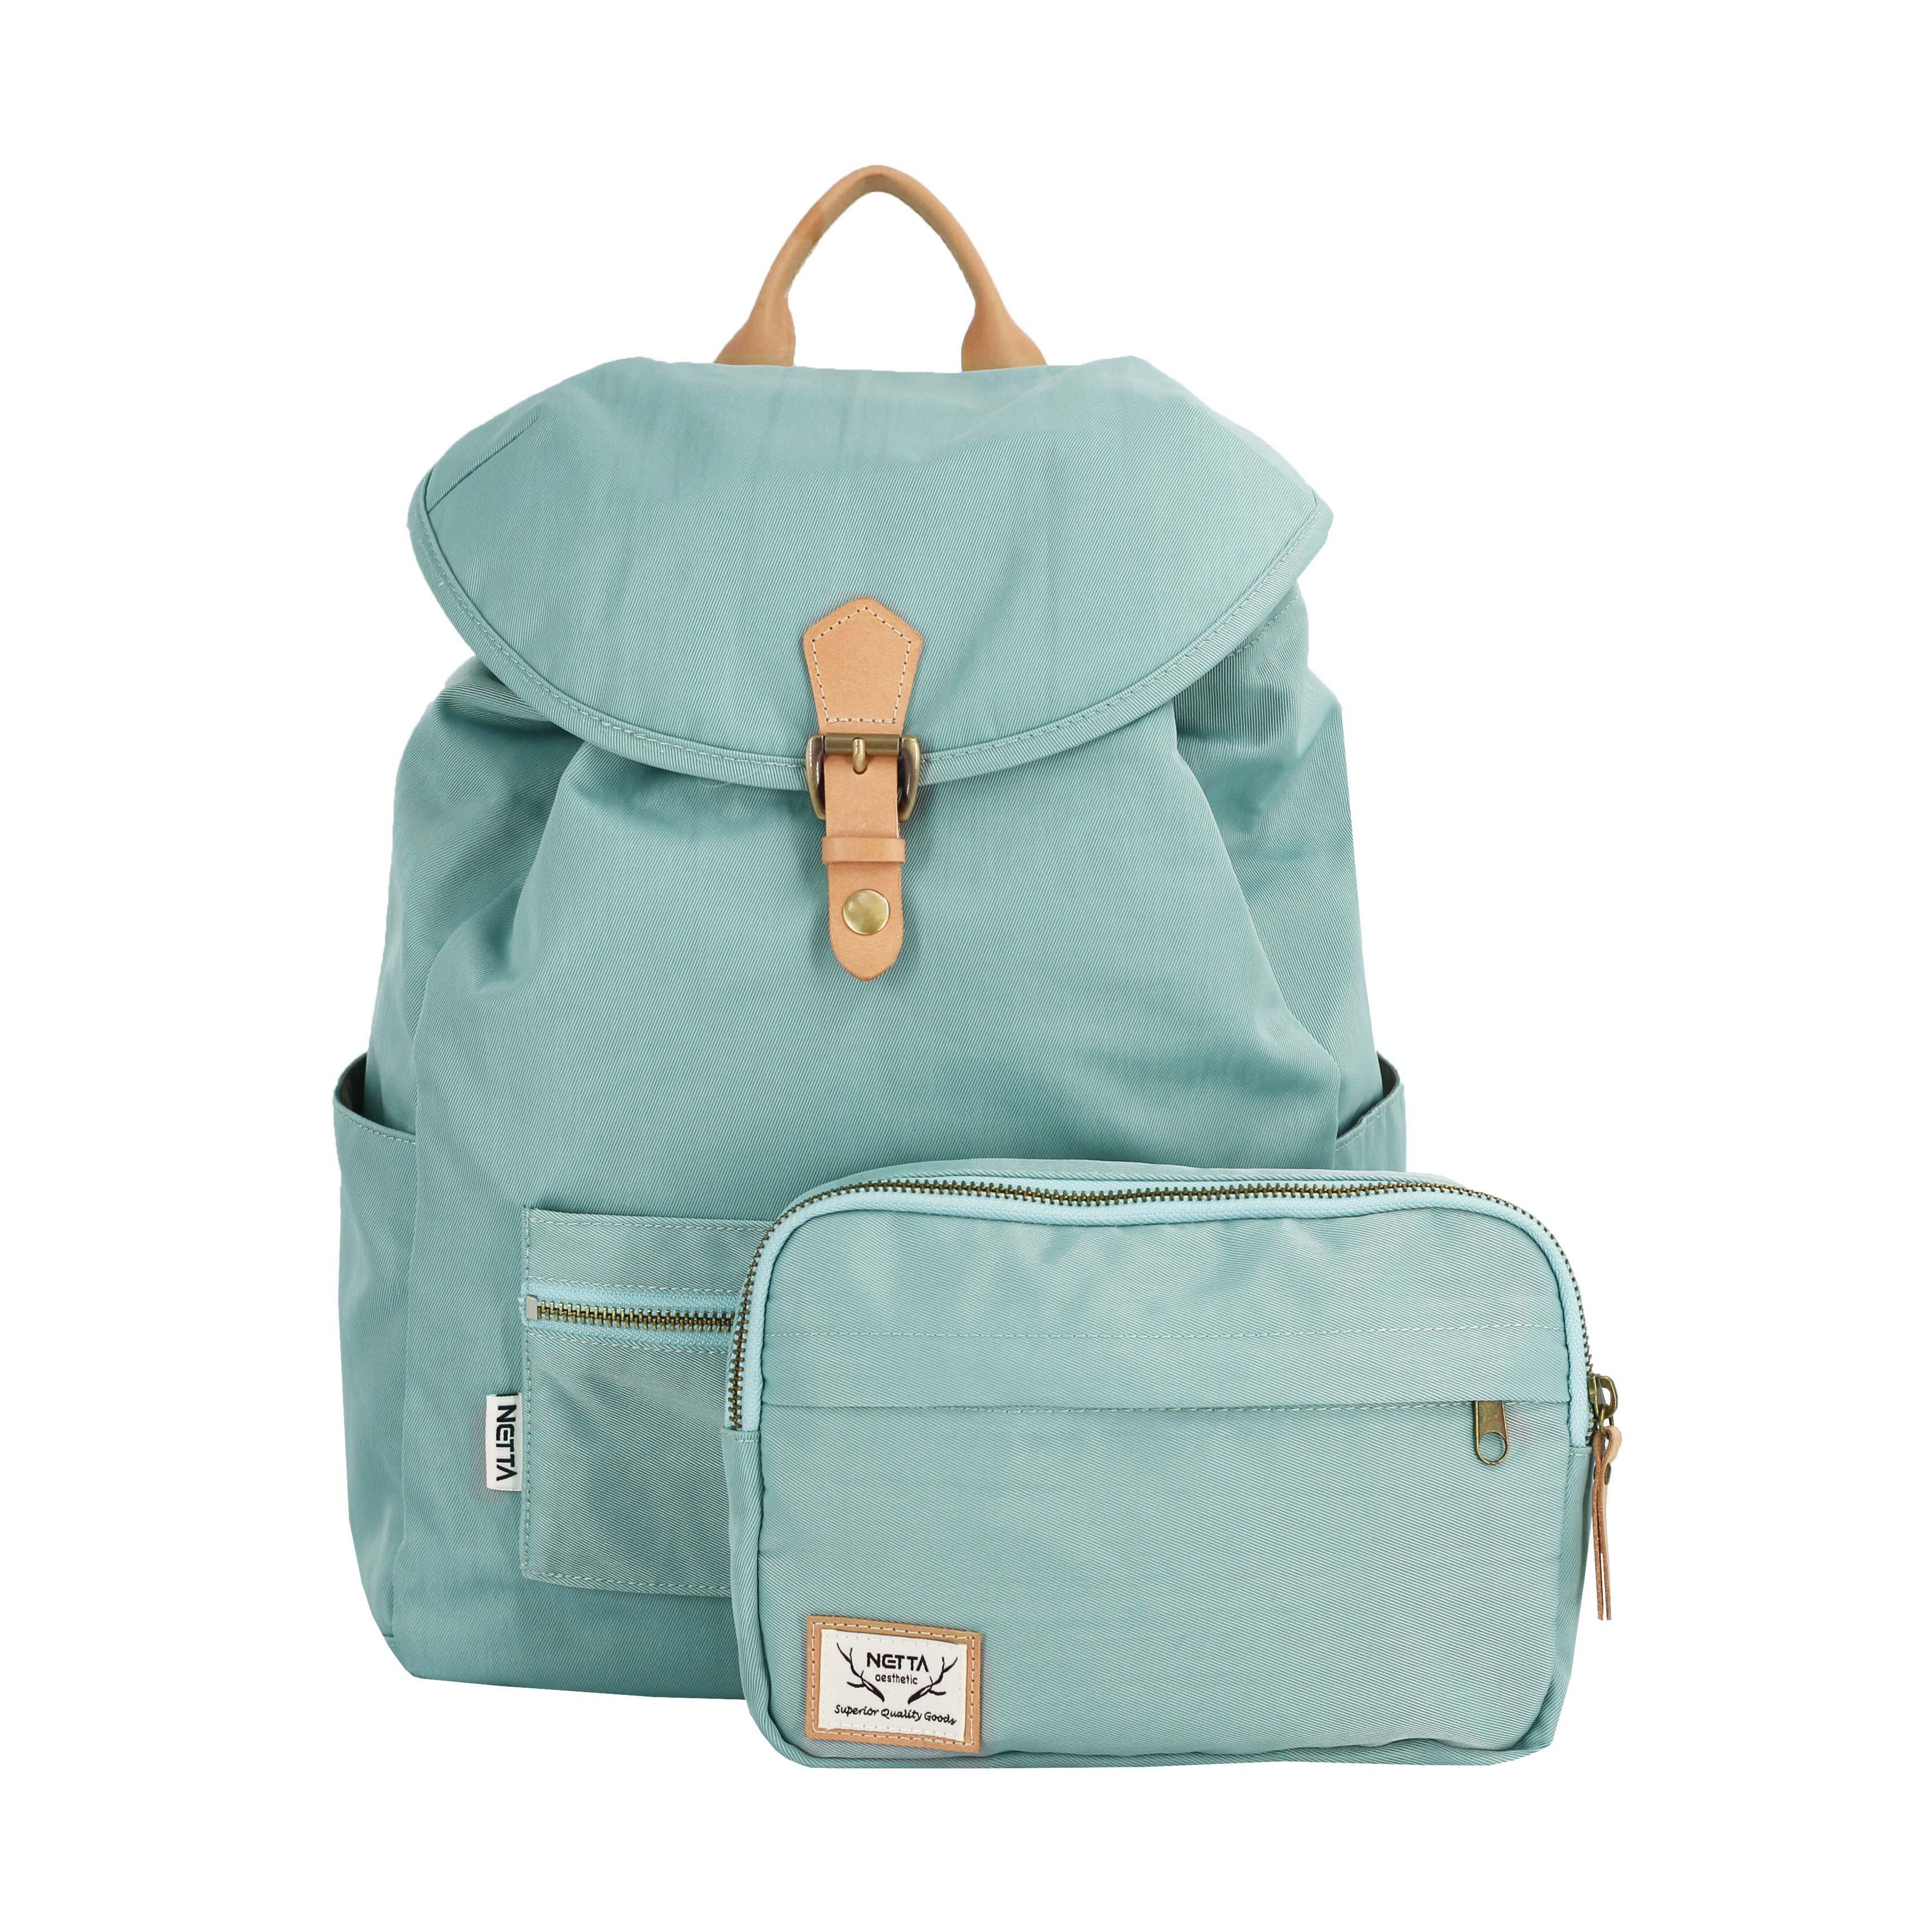 防潑水多功能後背包/束口後背包/淺綠/尺寸M號/小包可拆卸【NETTA】